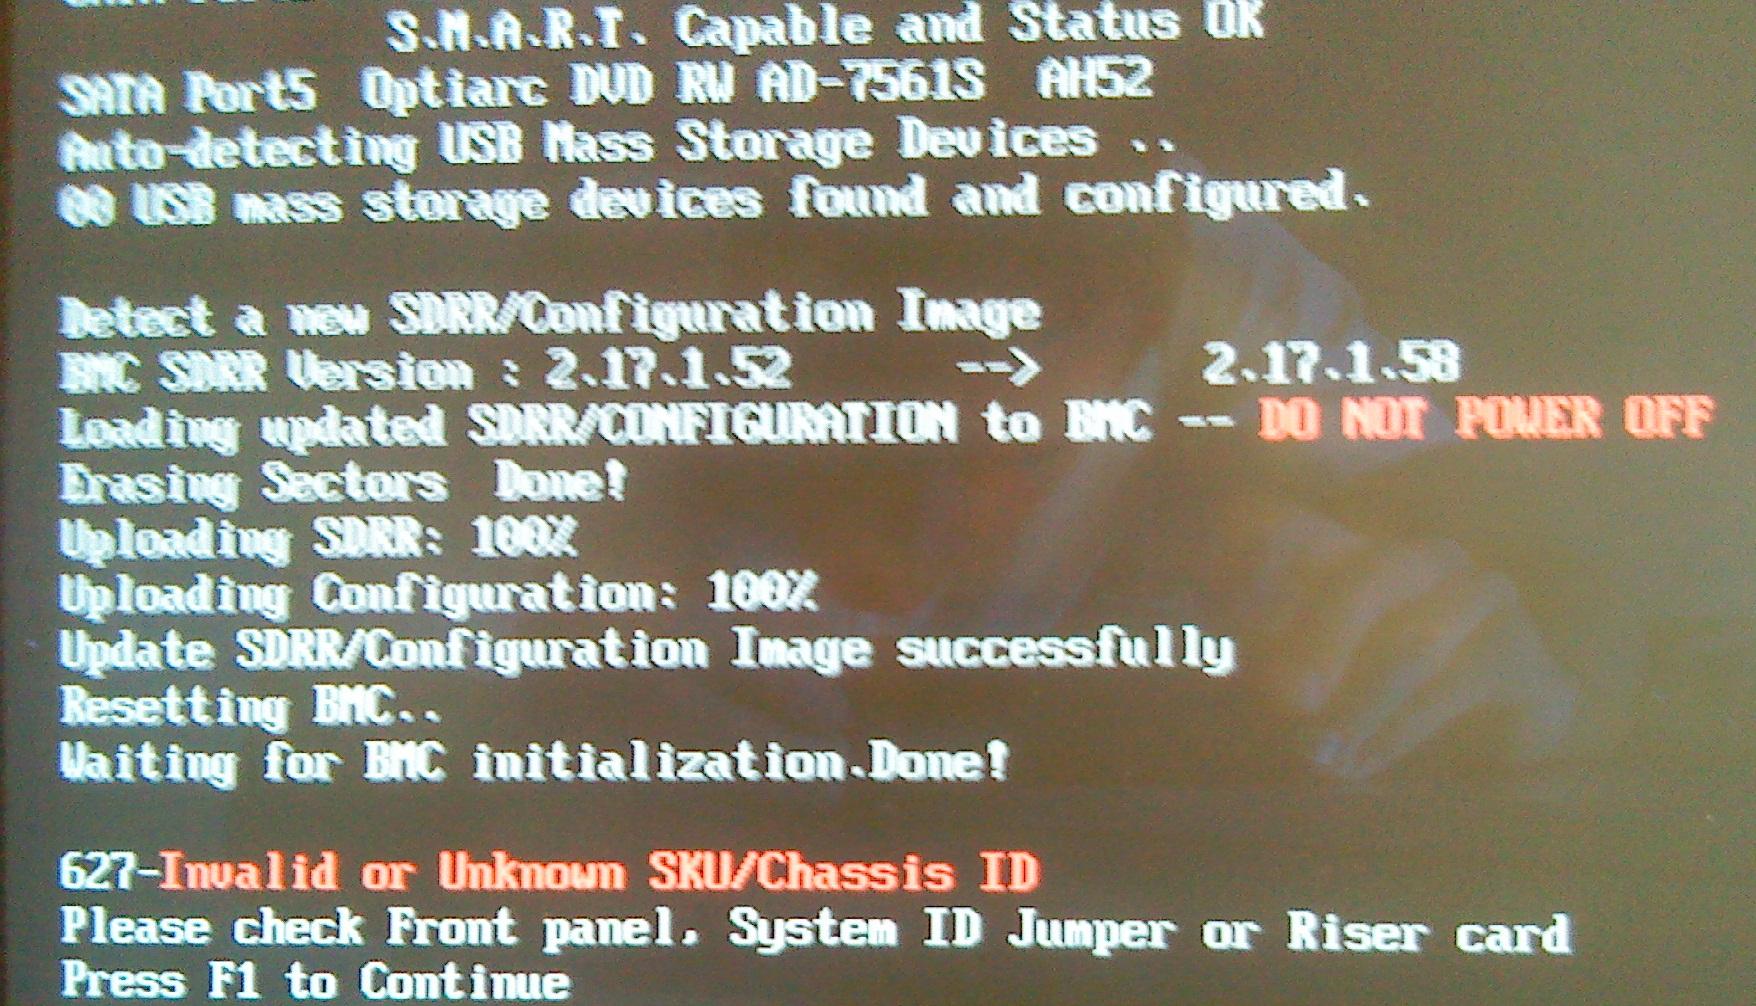 HP DL 165 G6 very noisy - fan speed - Hewlett Packard